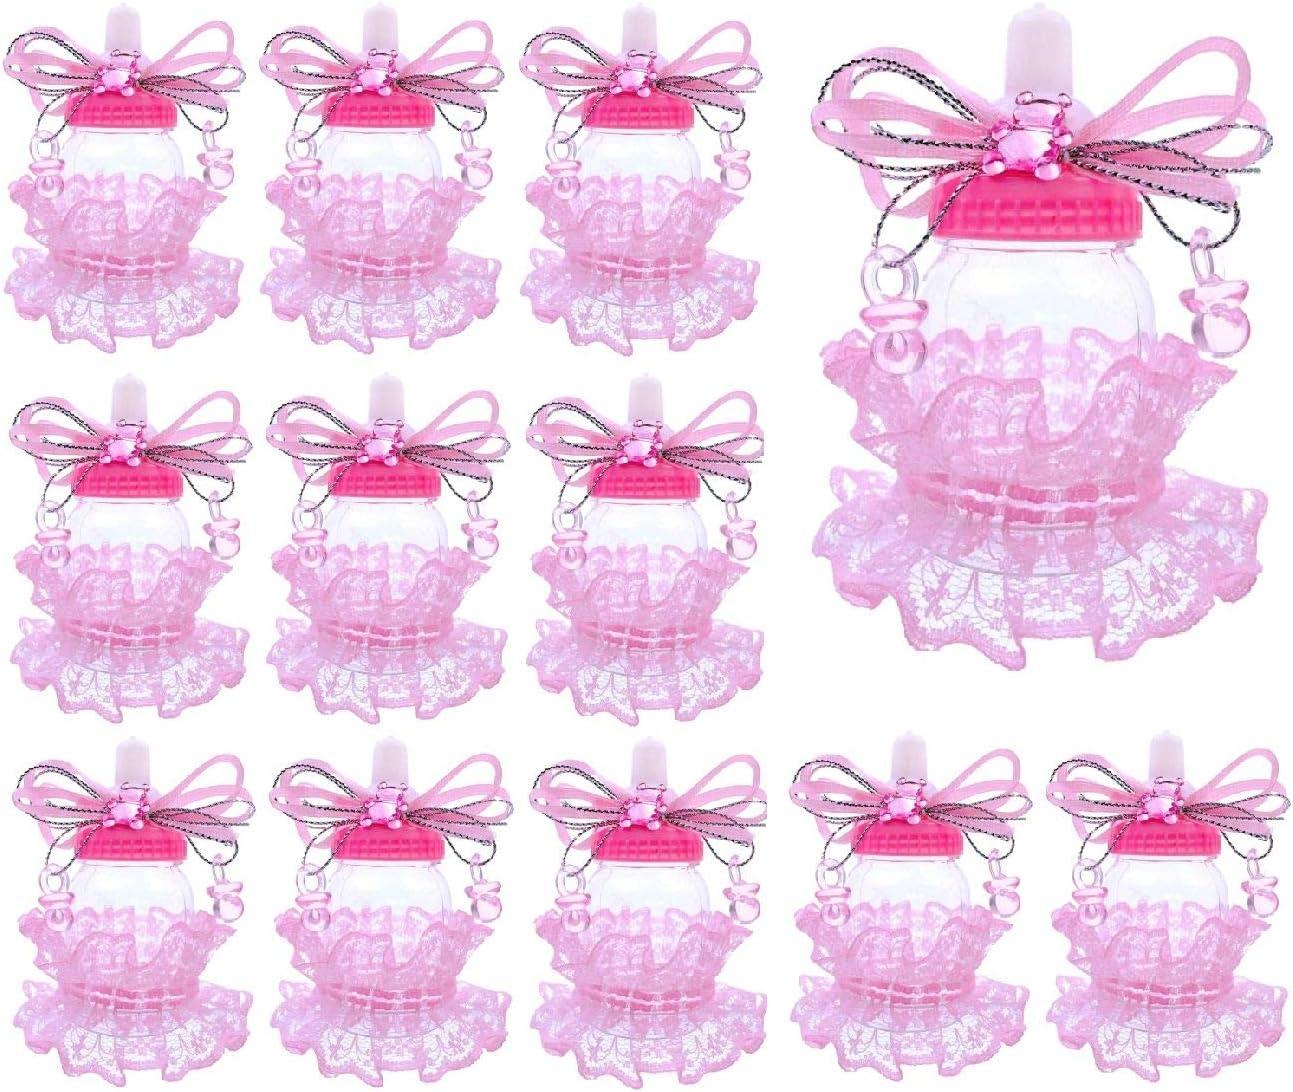 JZK 24 x Rosa biberones favores Baby Shower Cajas Regalo para Baby Shower Fiesta cumpleaños niña Bautizo Bautismo recién Nacido